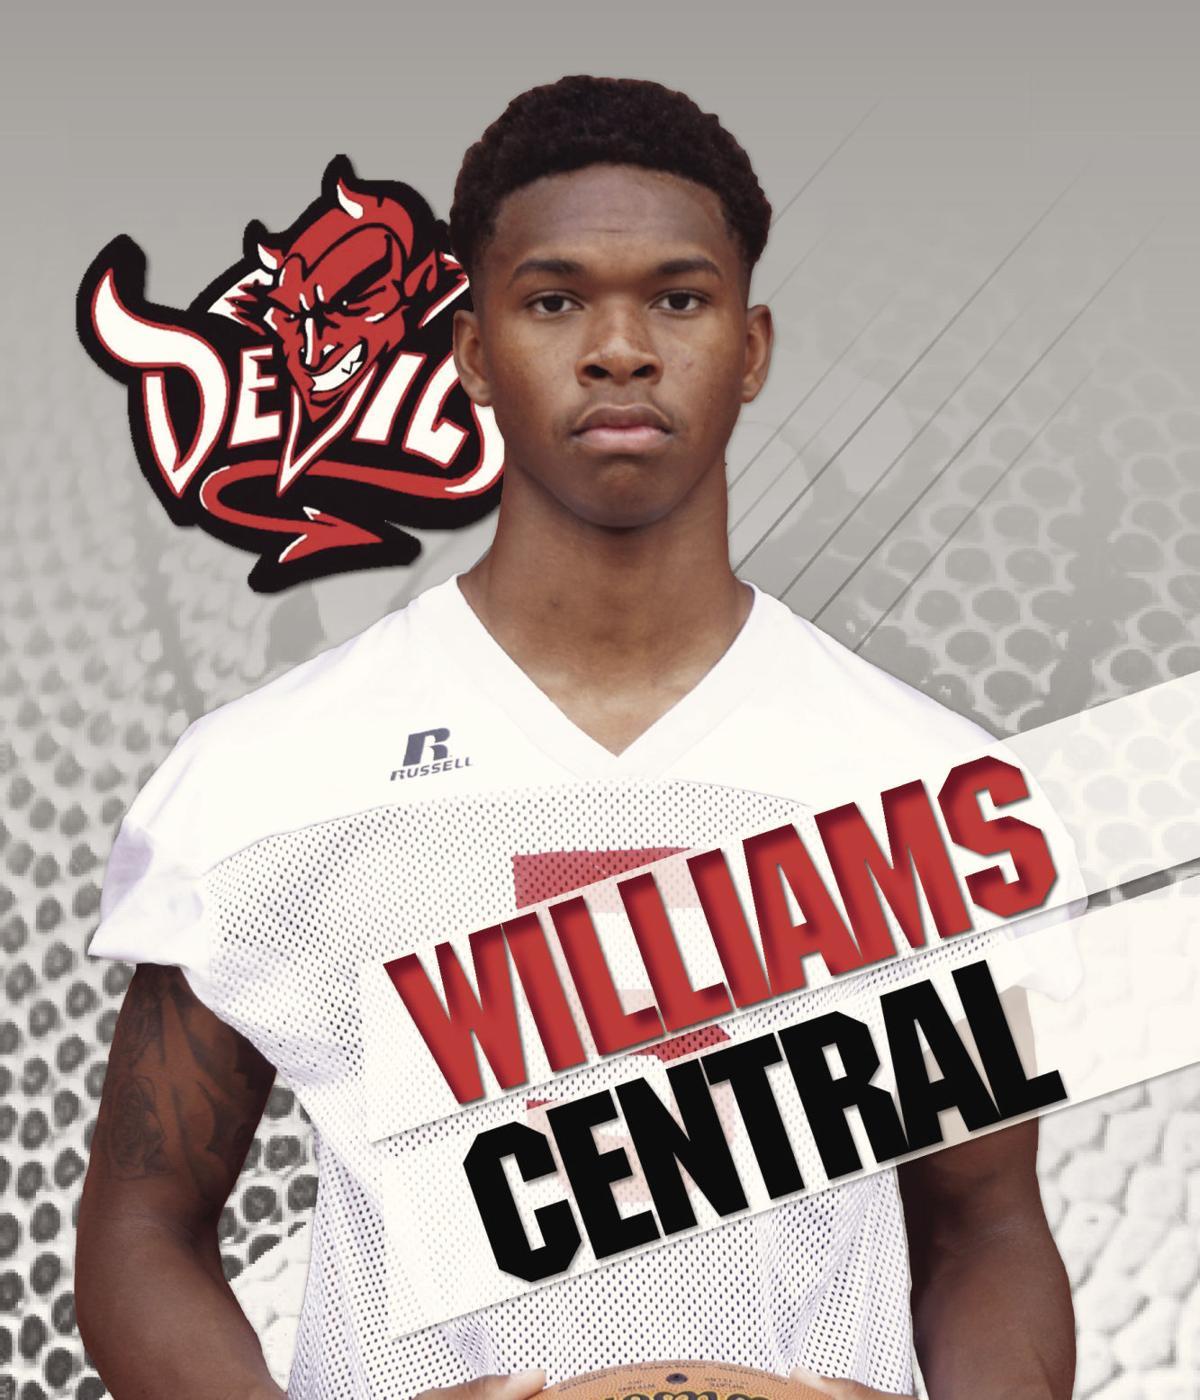 Super 8 Senior E.J. Williams